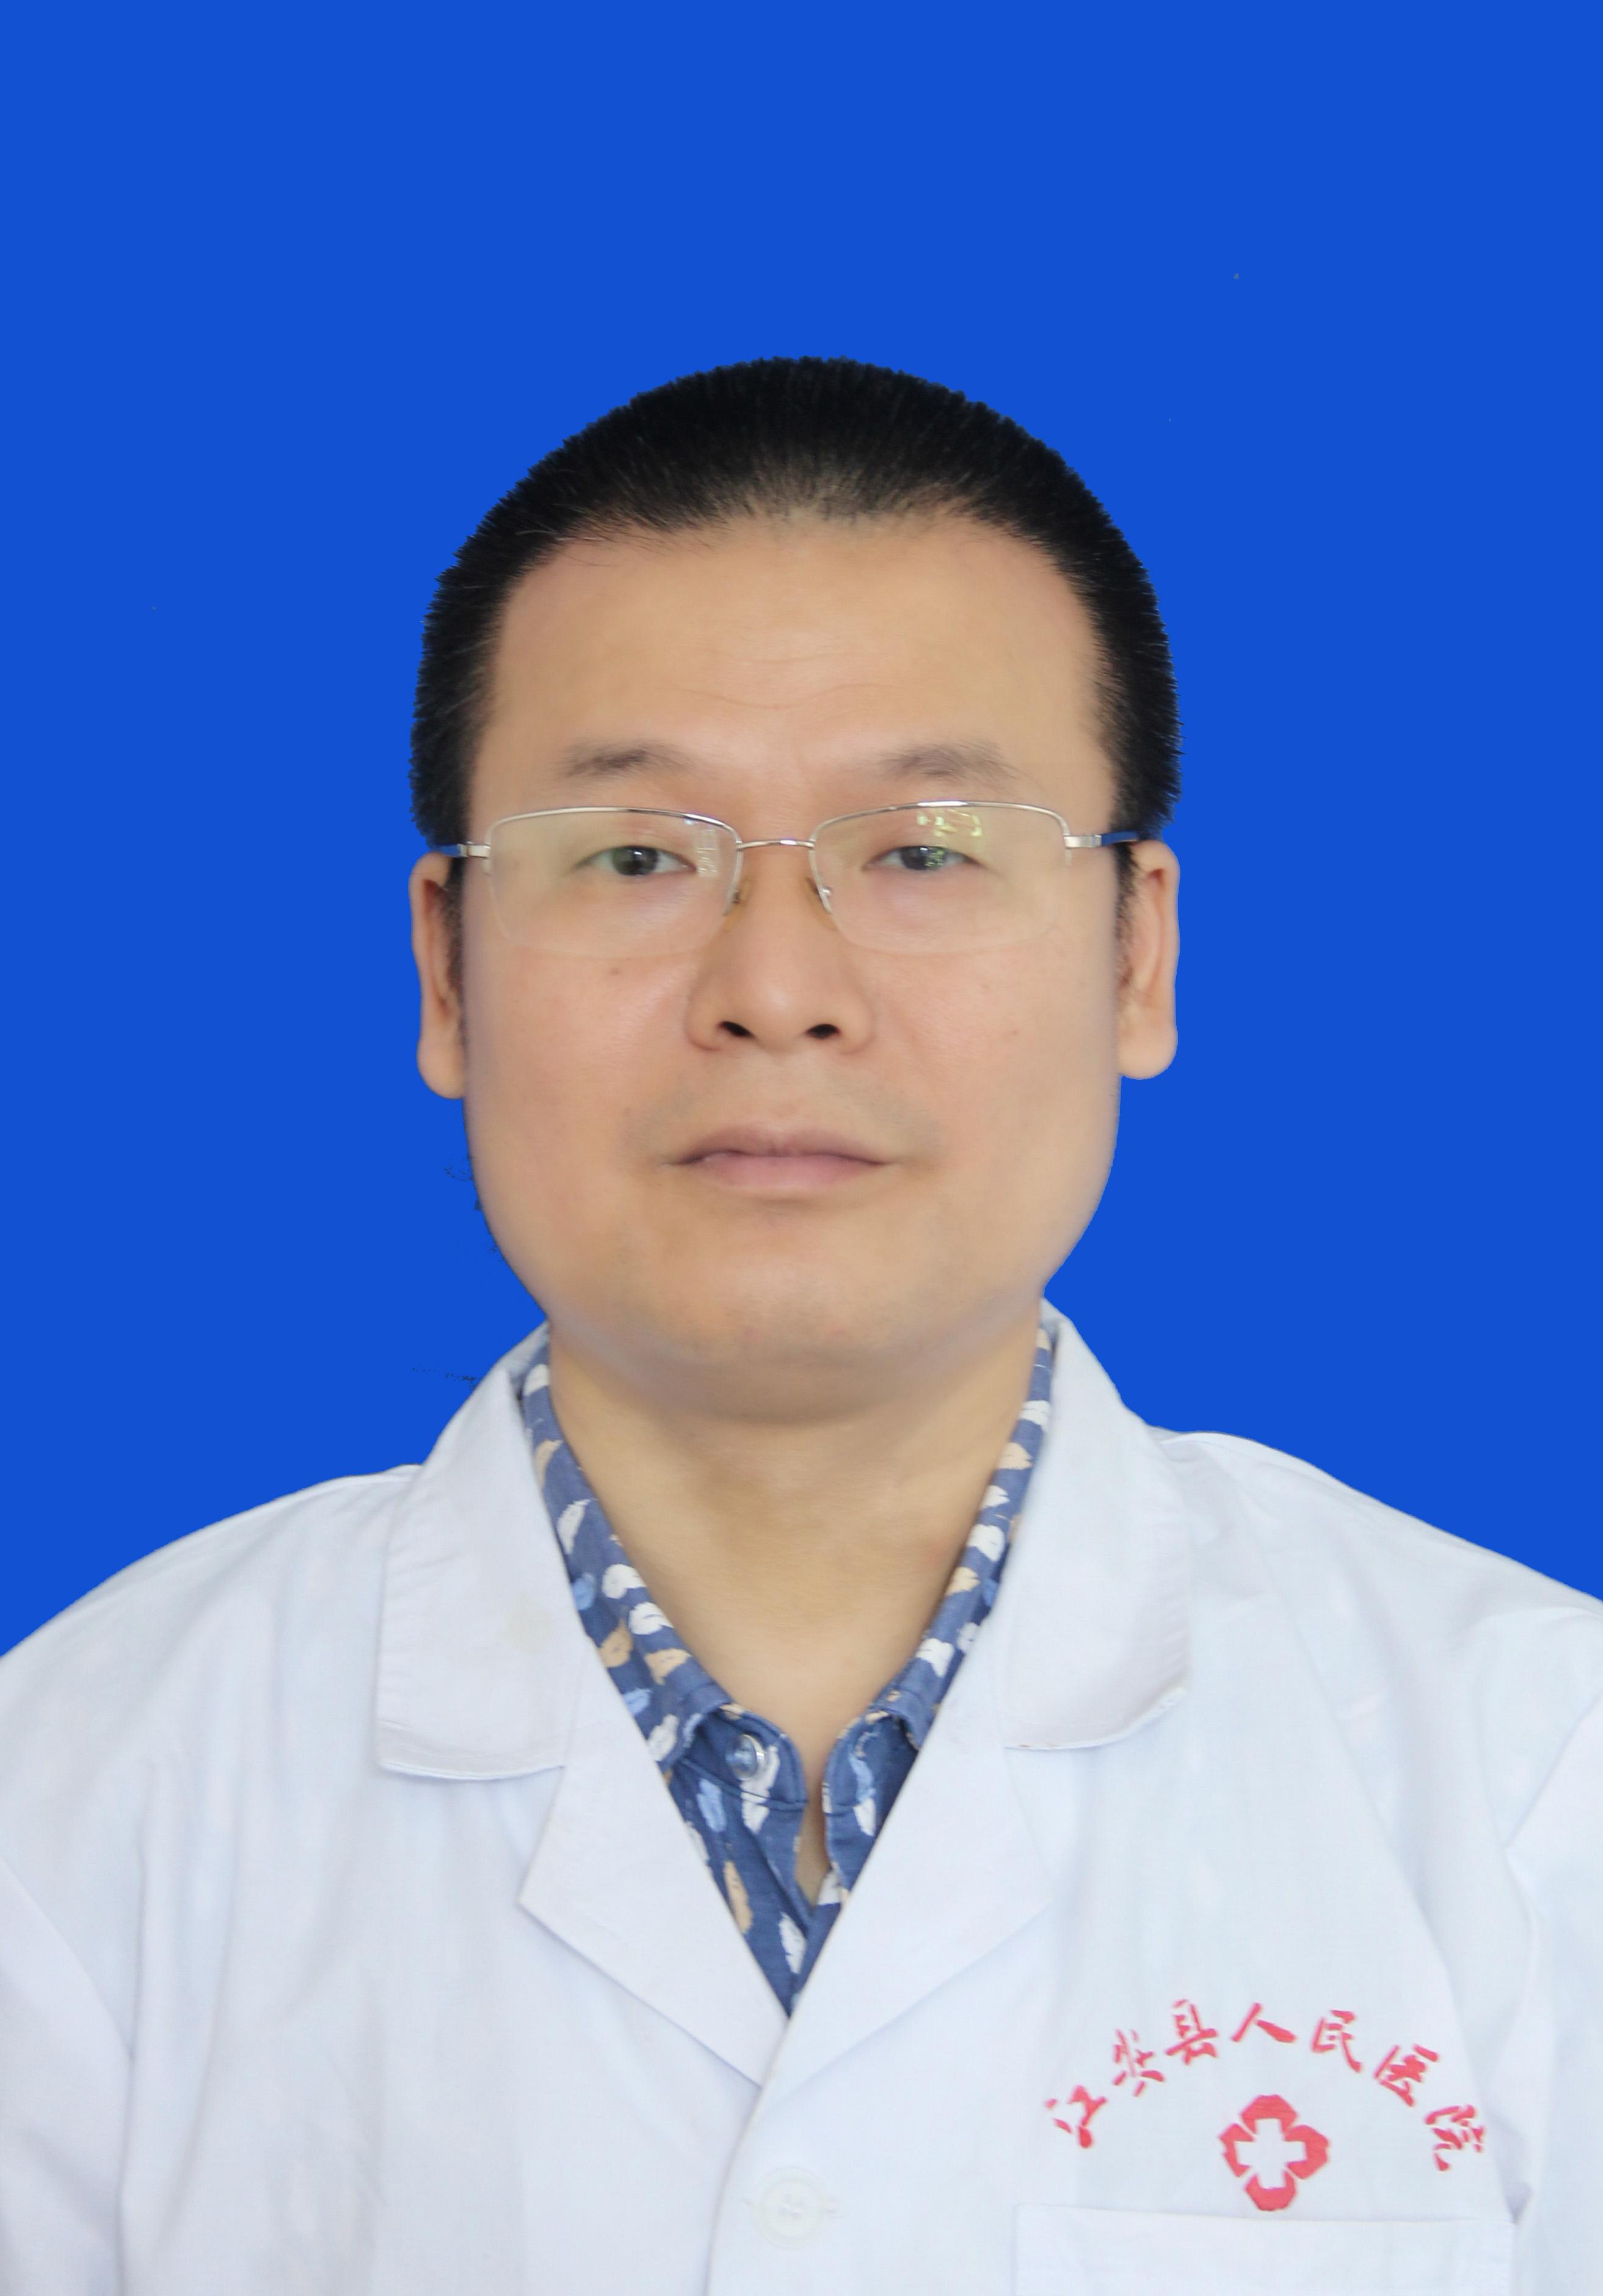 任道彬(普外科、神经外科医师)